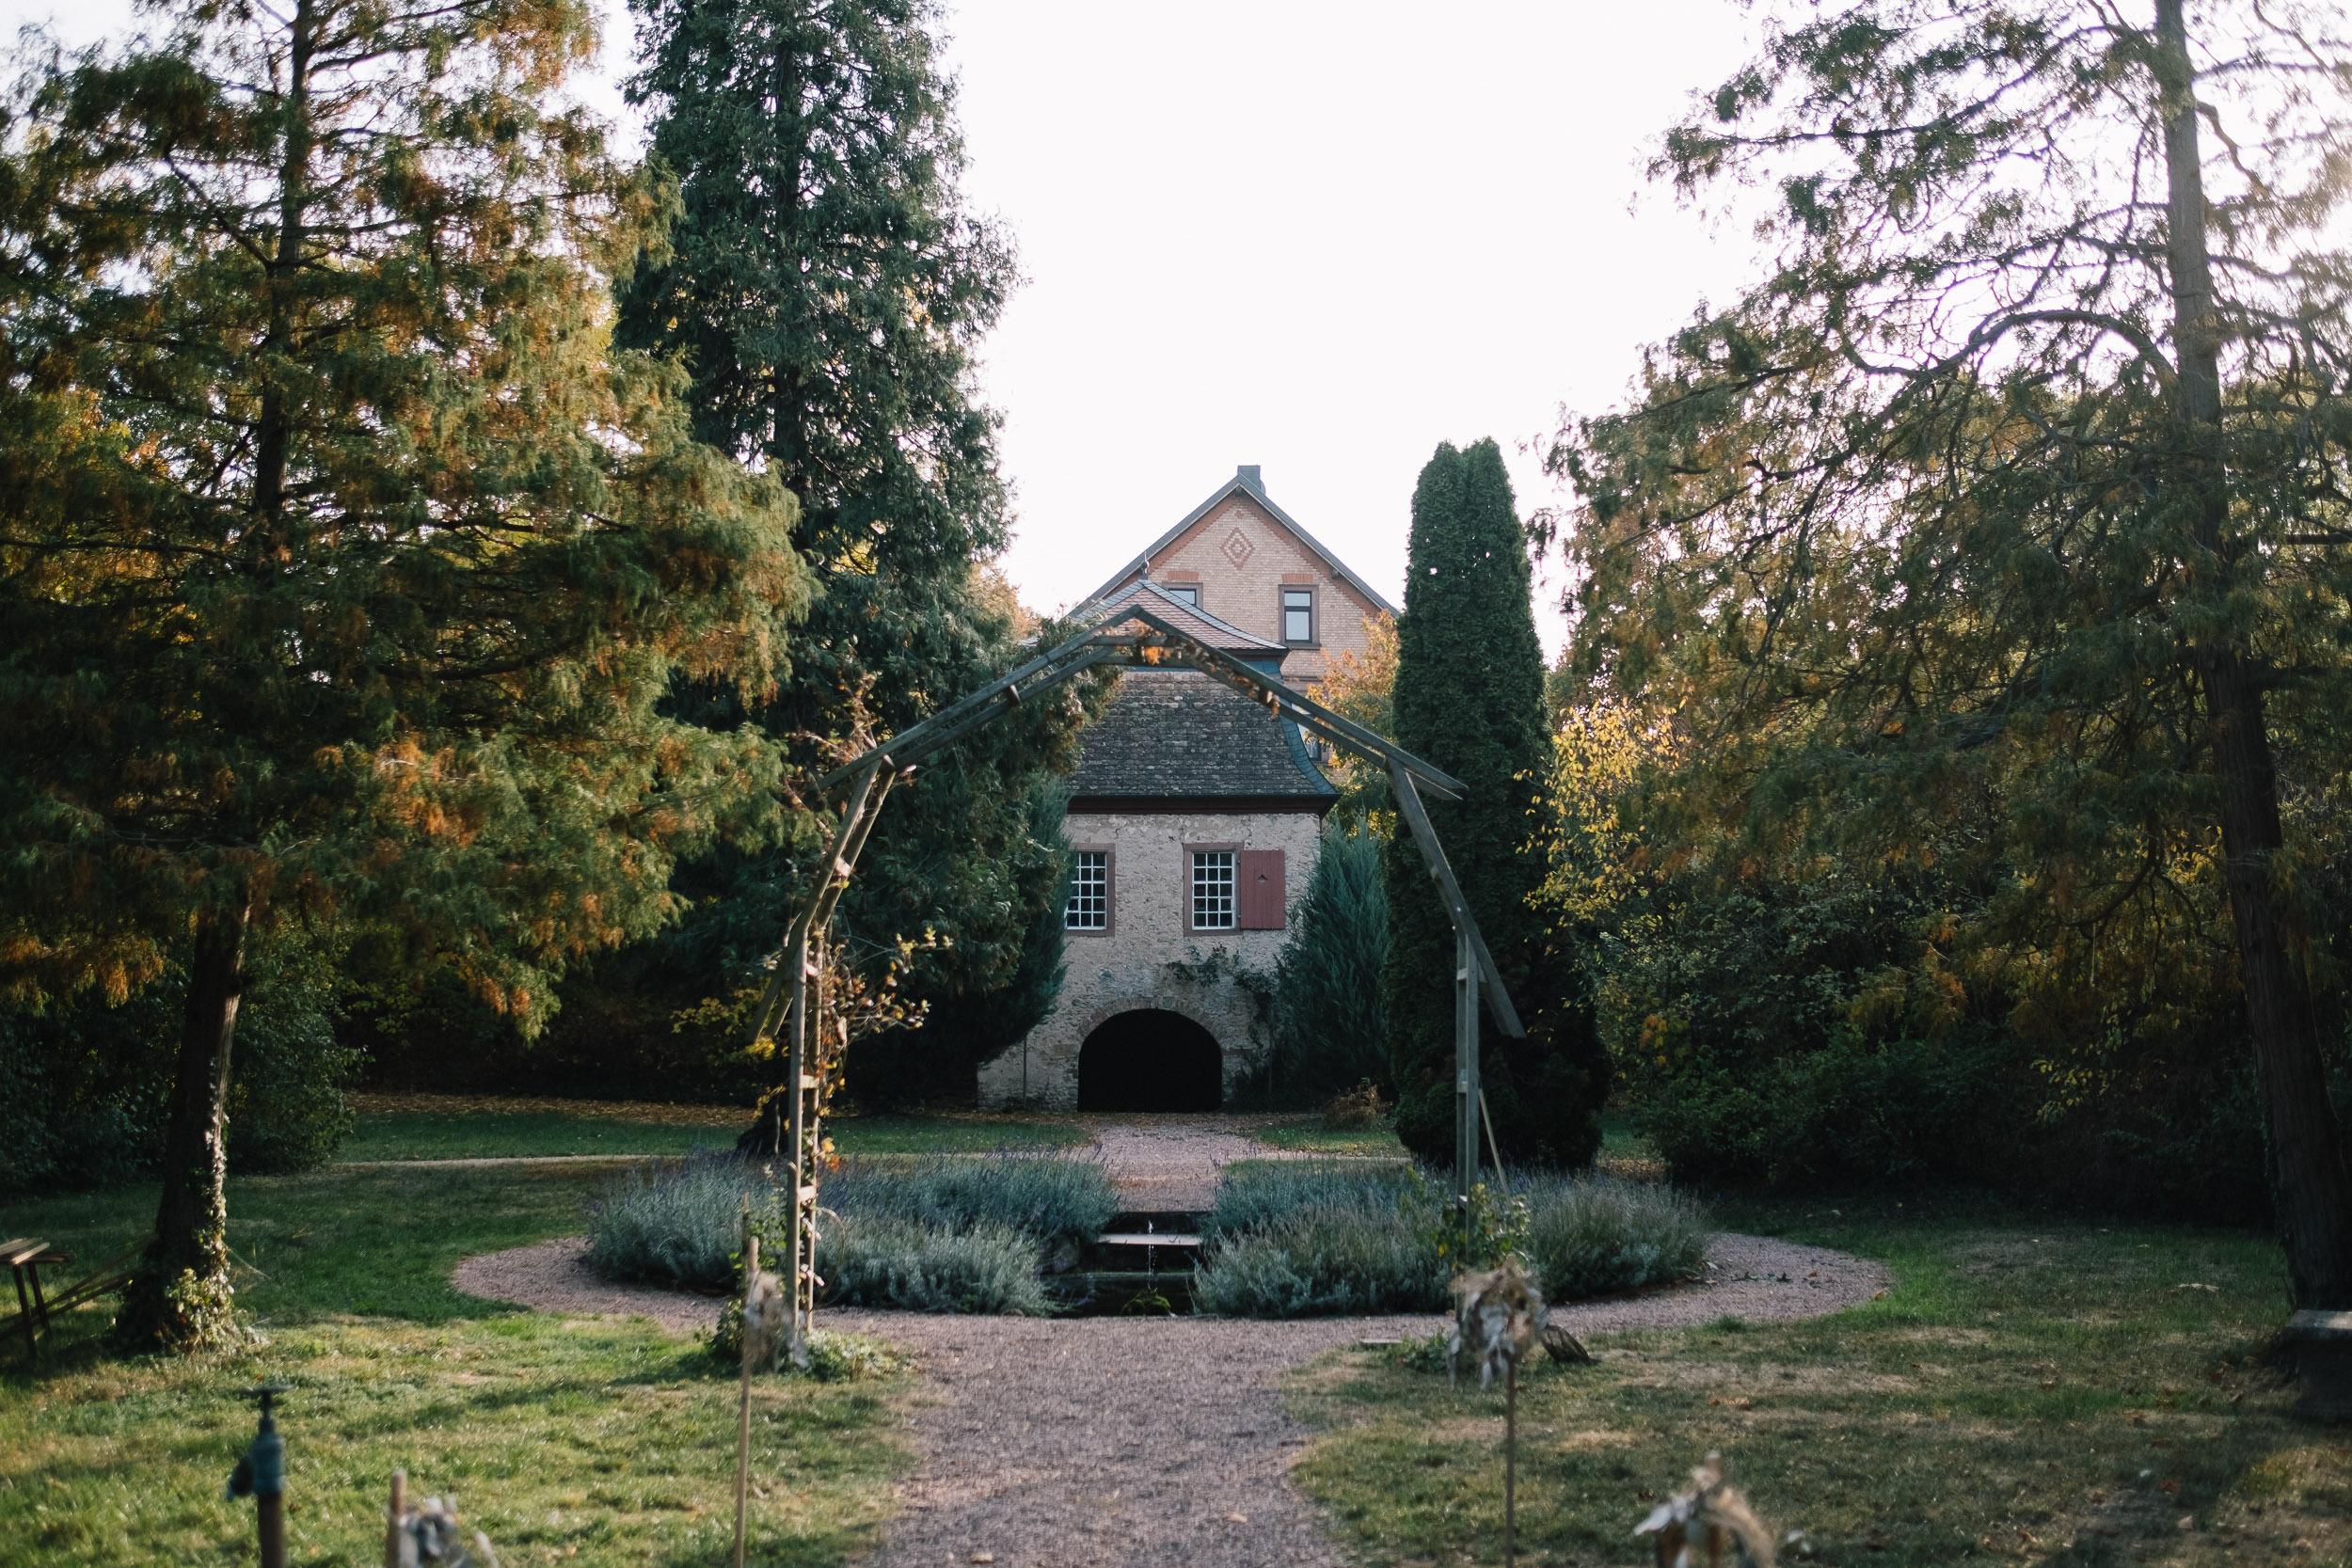 Schlossgut-Lüll-Wiegelmann-181020-10.jpg